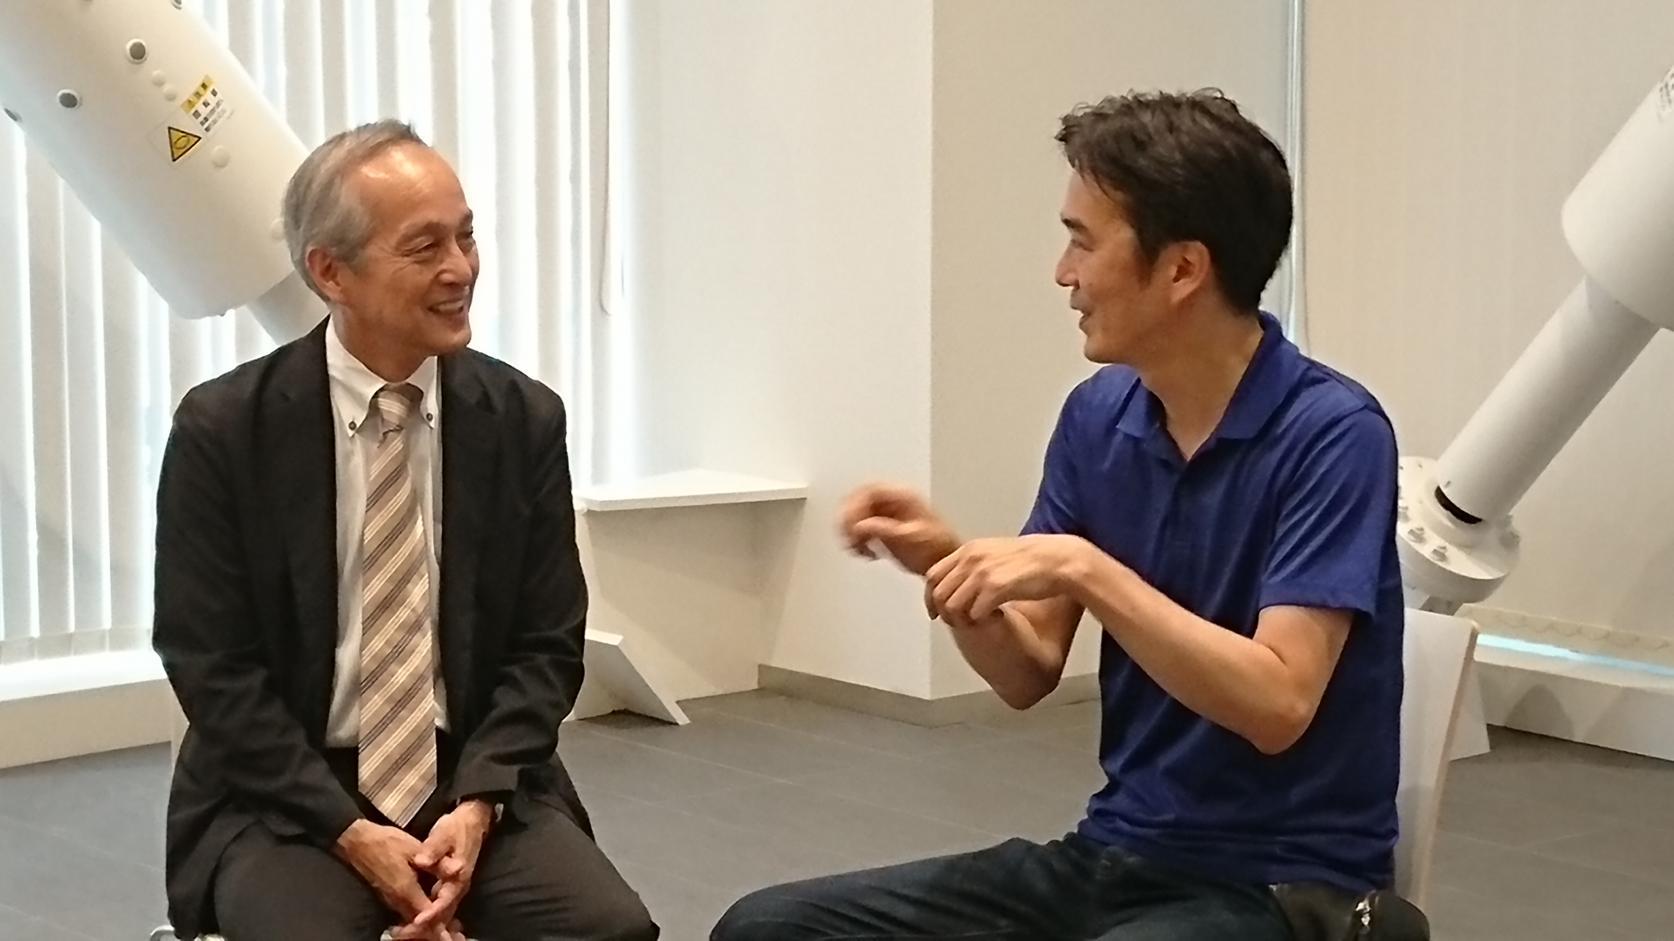 「ACE COMBAT 7: SKIES UNKNOWN」(バンダイナムコエンターテインメント)のブックレットに精密機械工学科 青木義男教授とアートディレクター菅野昌人氏の対談が収録されます。